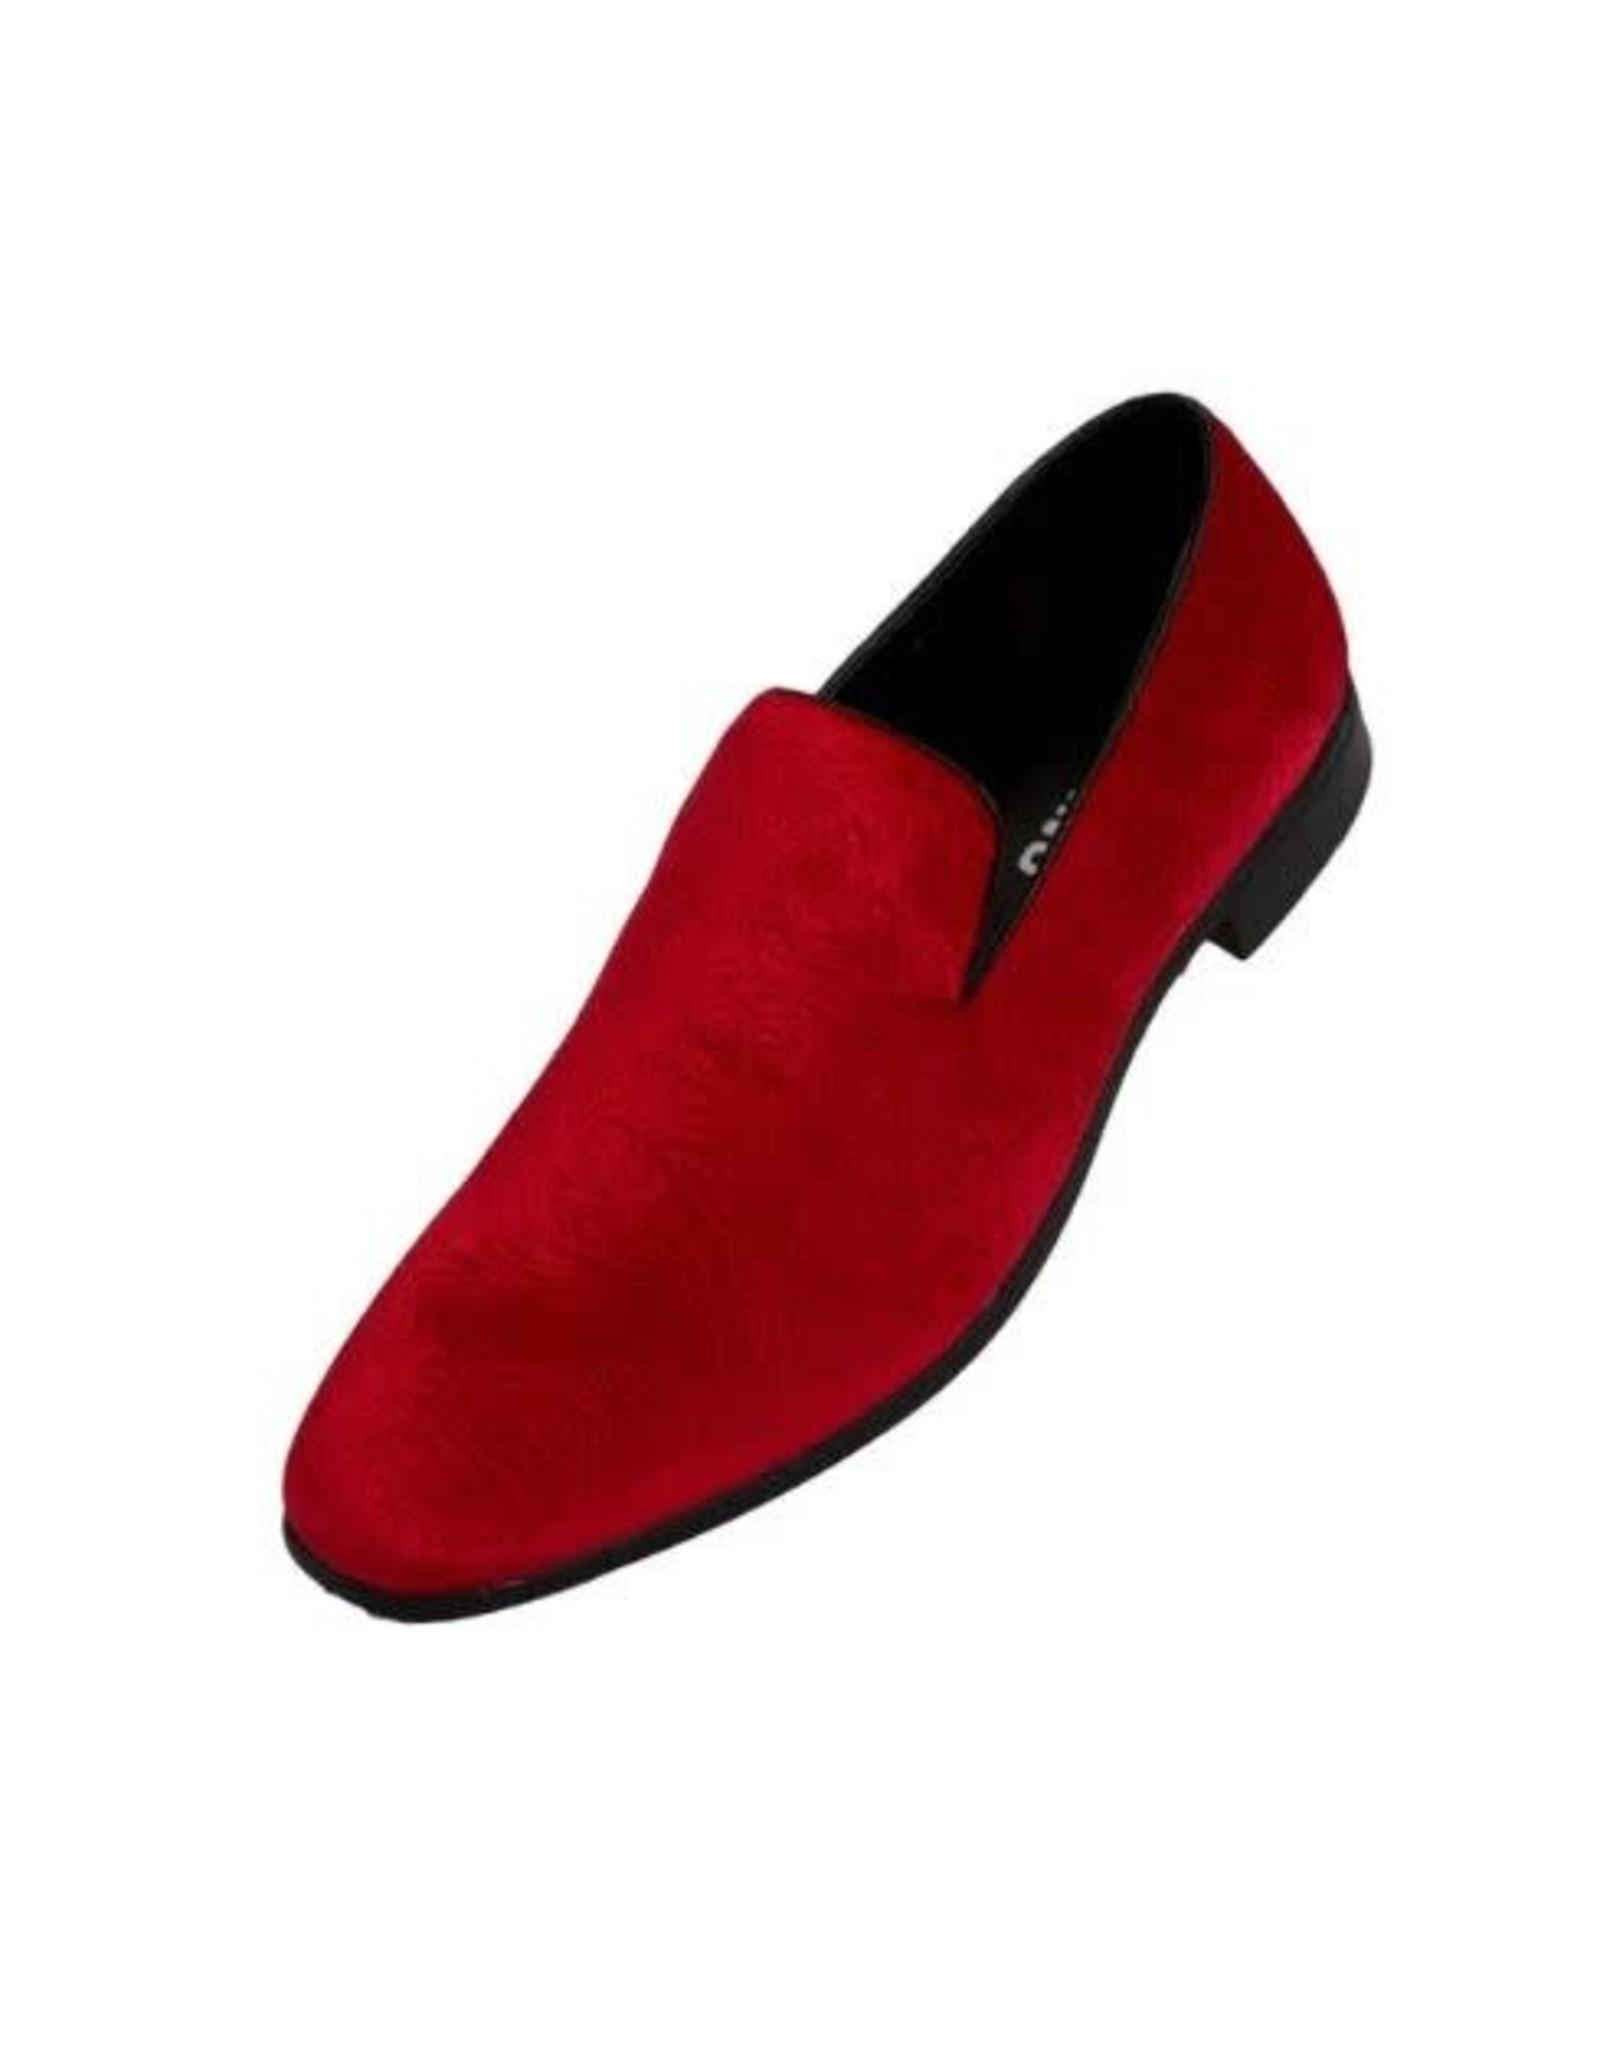 Amali Amali Jay Formal Shoe - Red